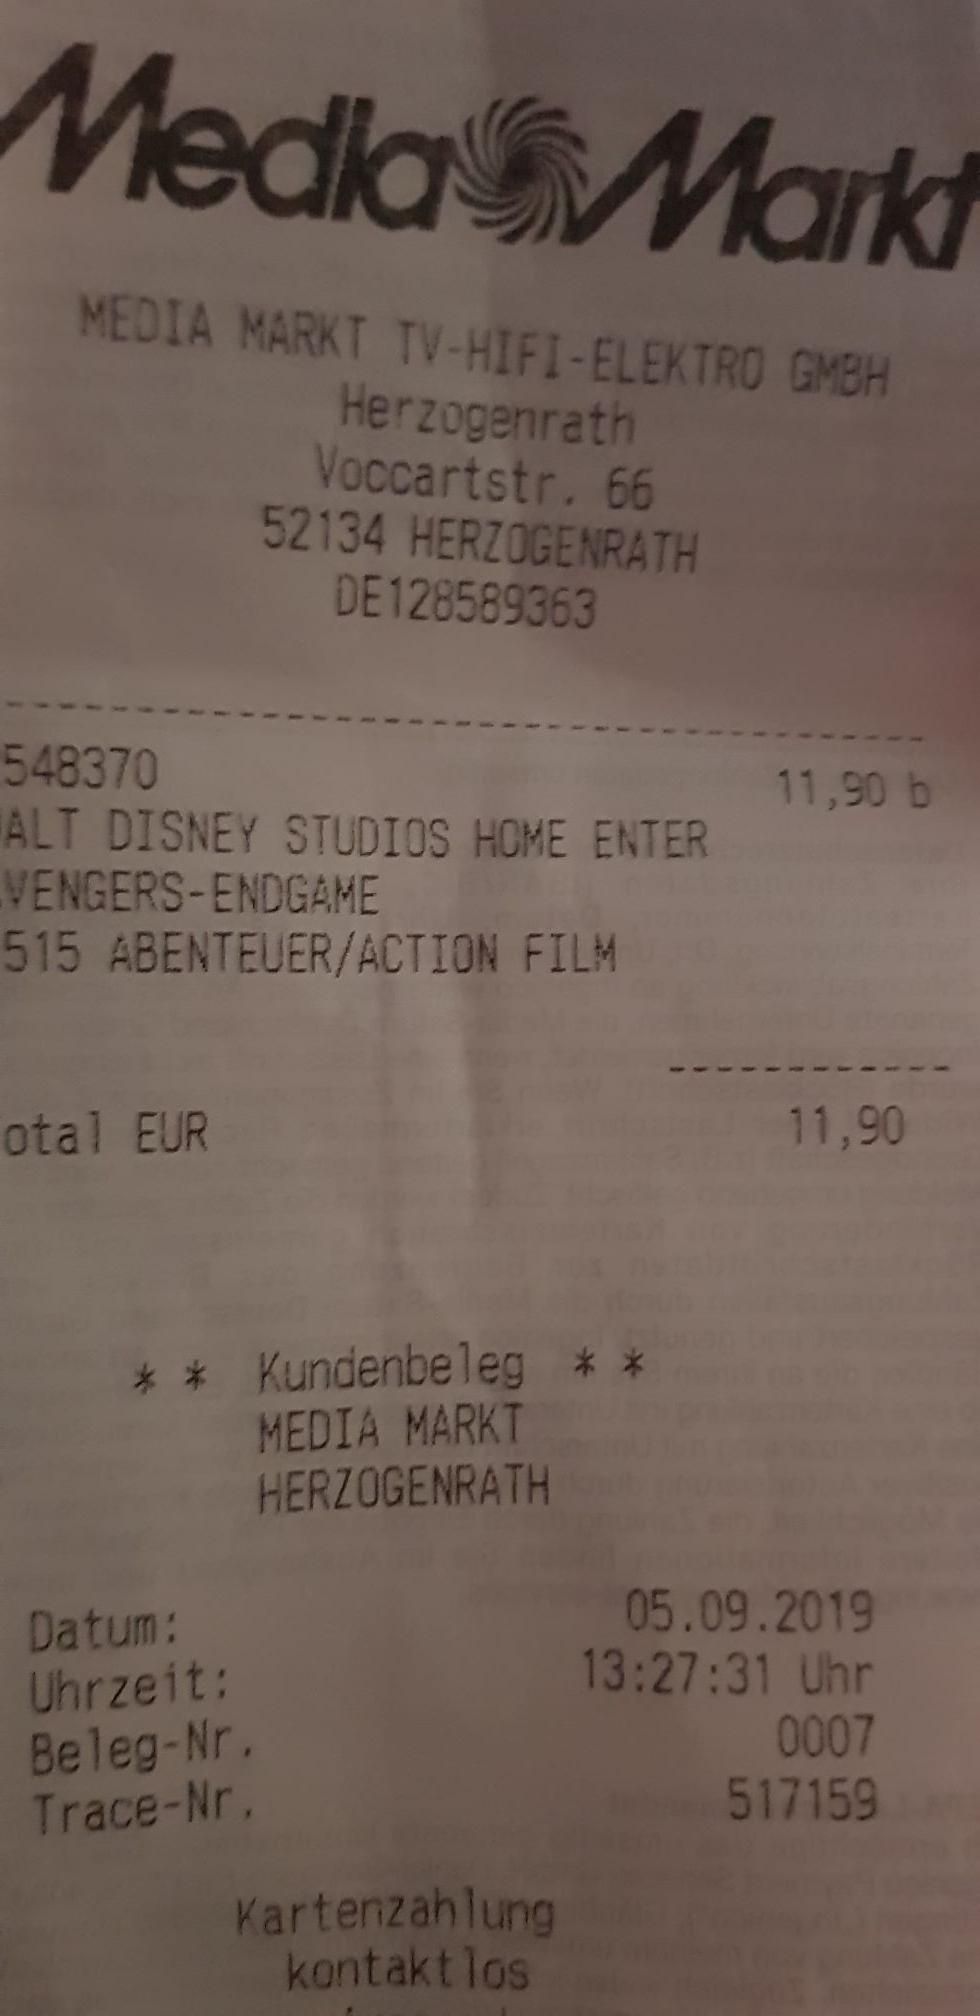 (Lokal) Avengers Endgame BluRay- Media Markt Herzogenrath